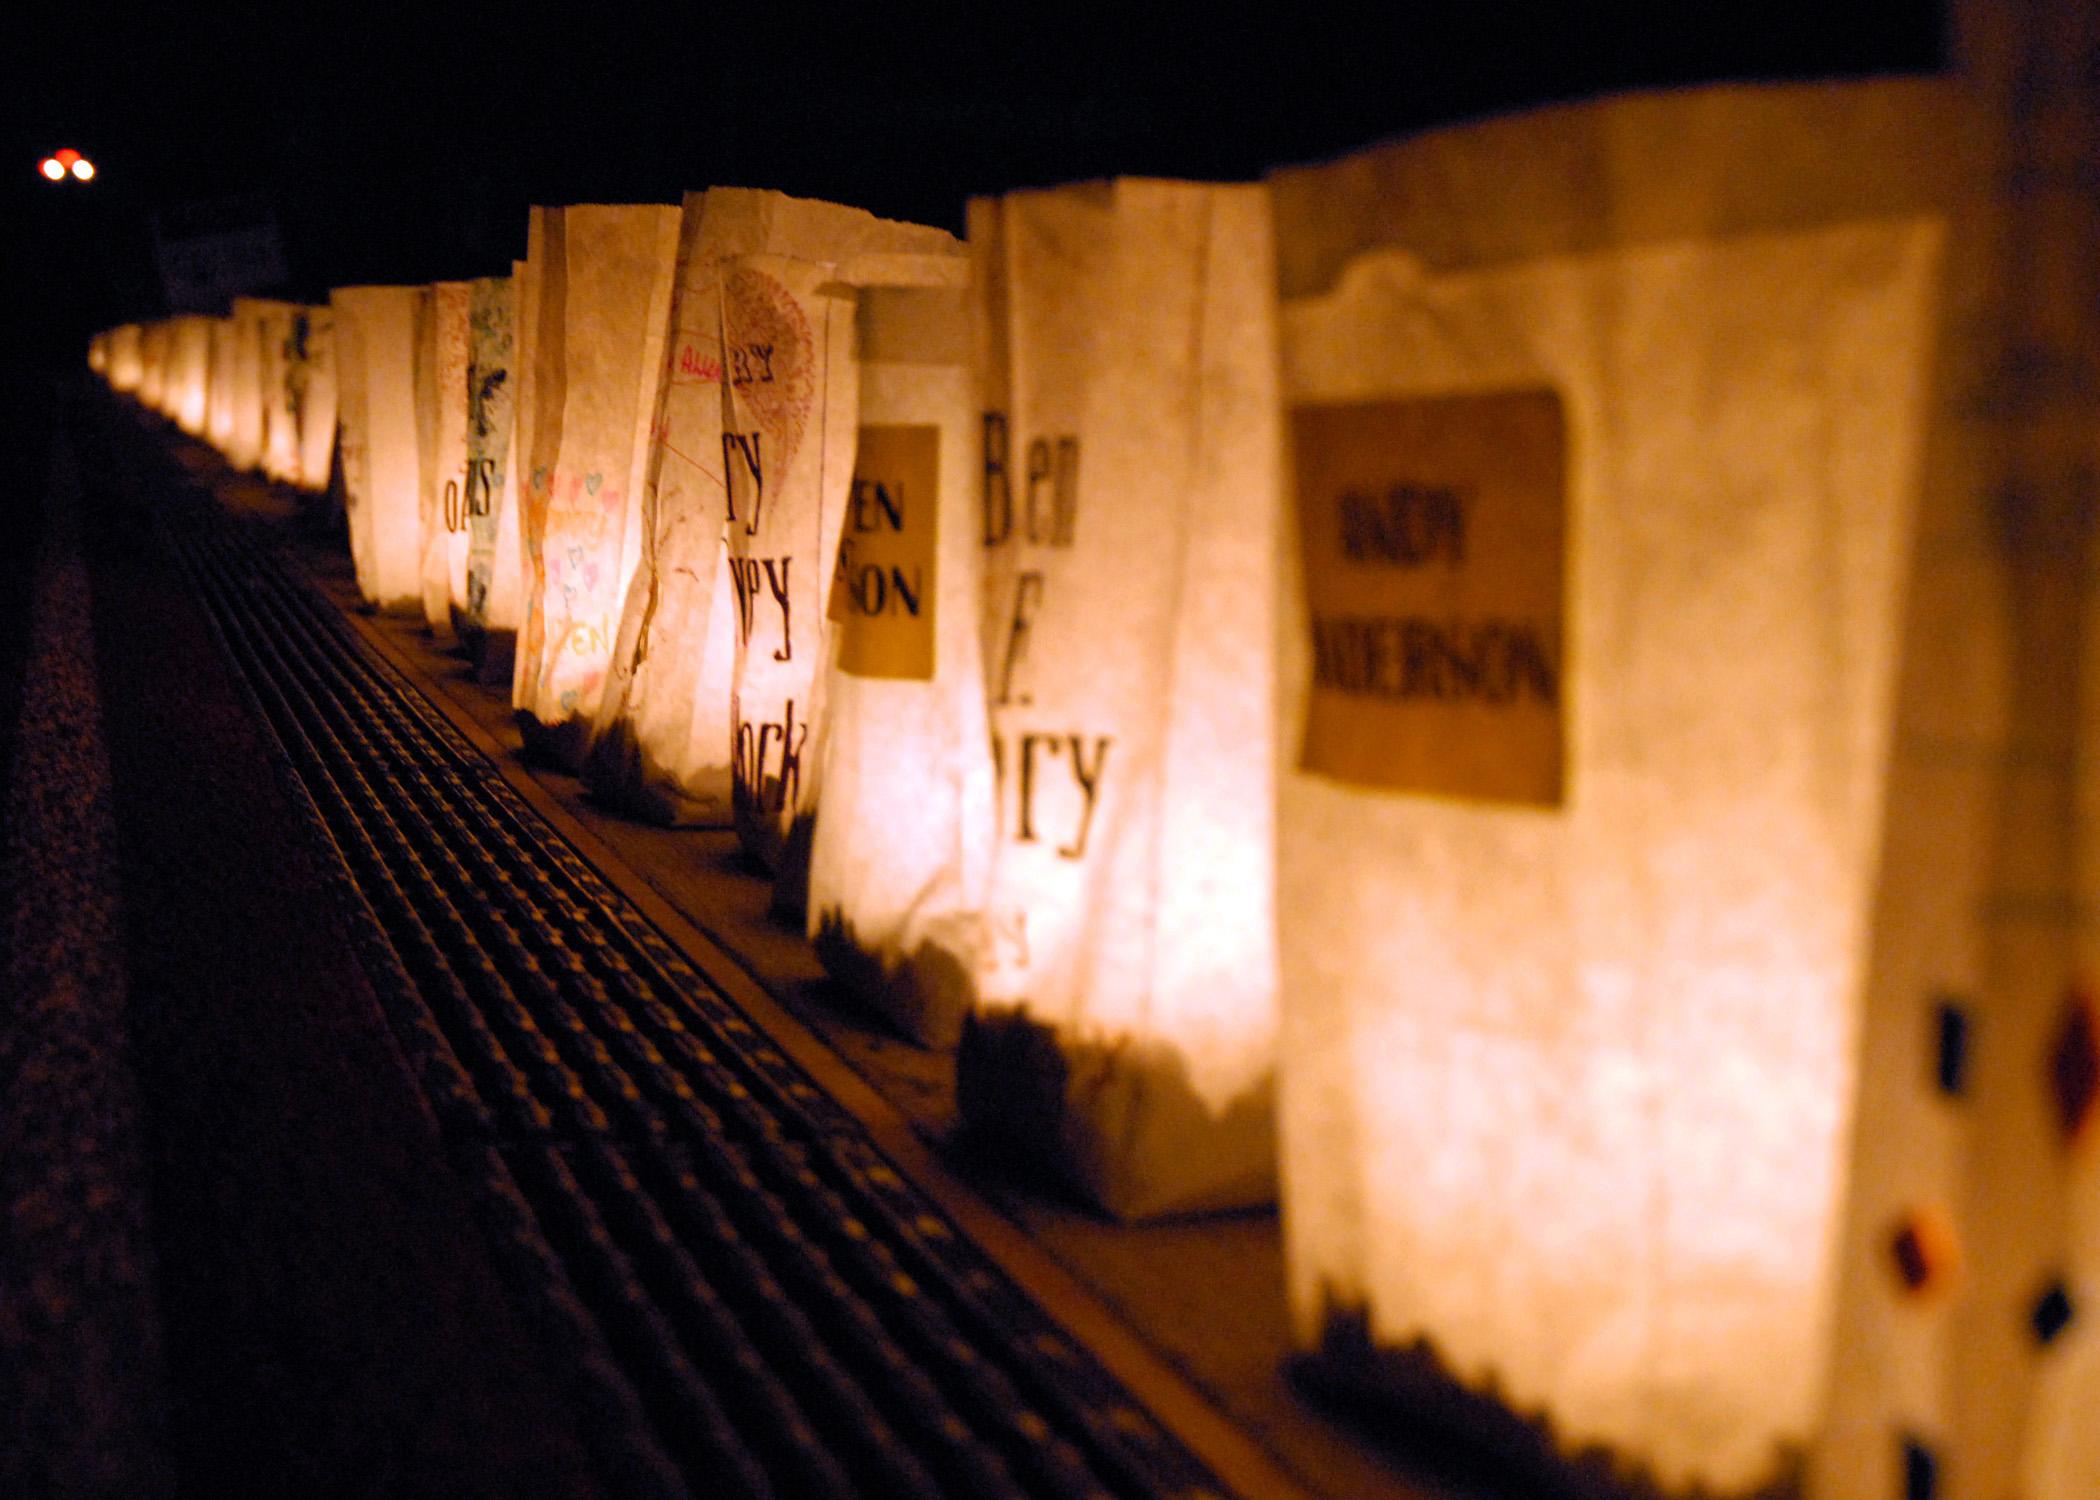 illuminated paper bags